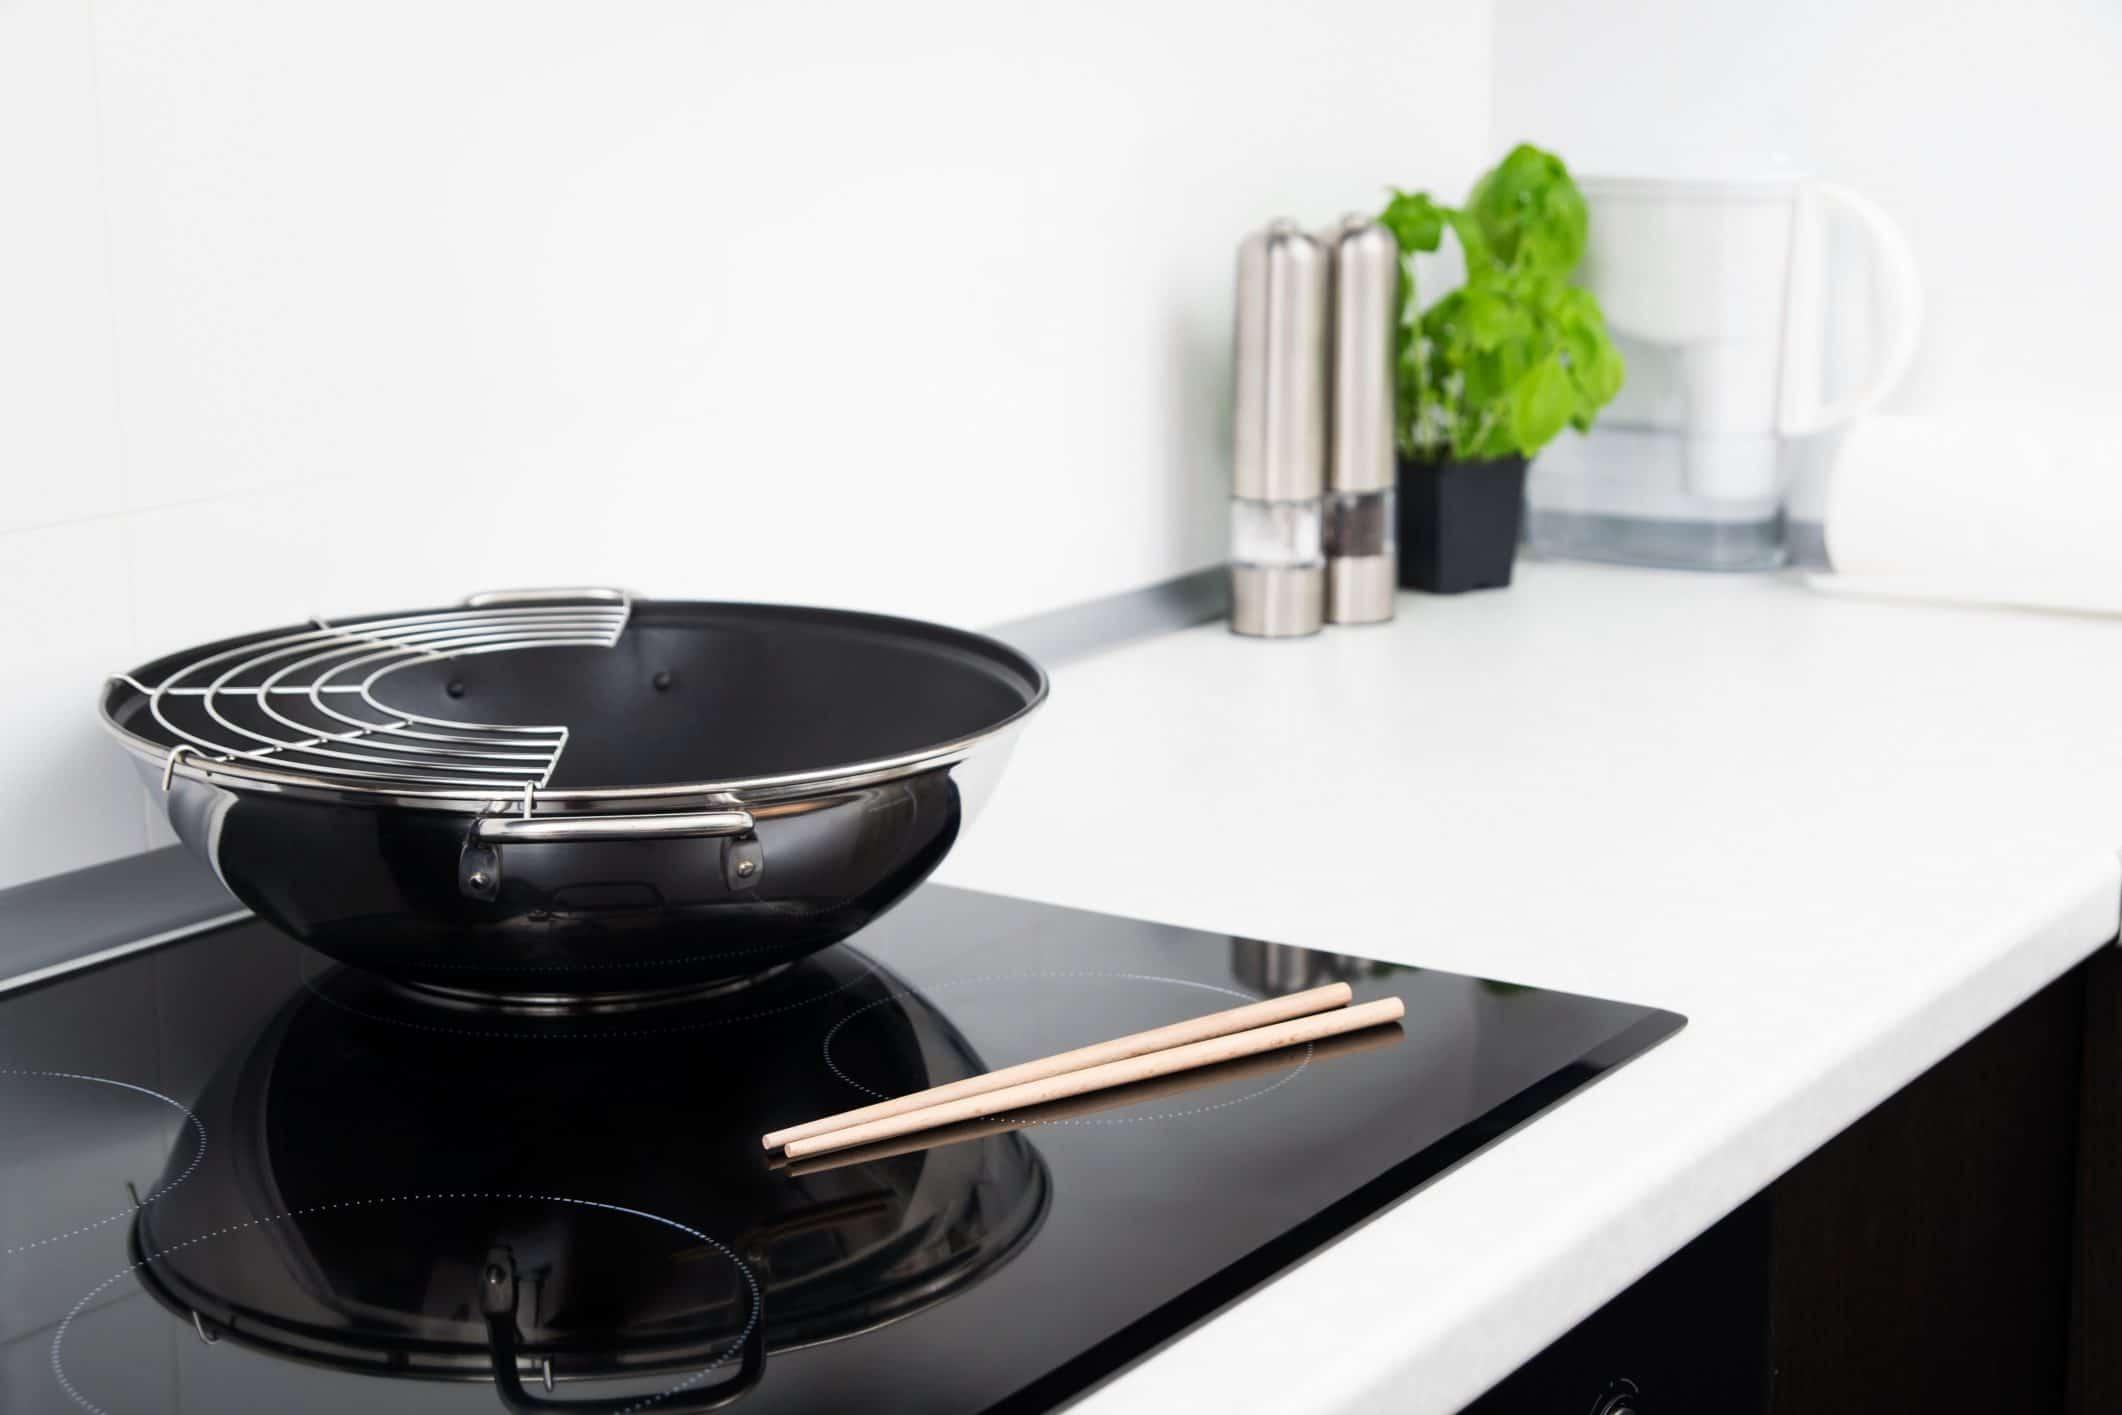 Сковорода для індукційної плити: що це таке, що означає дно, як вибрати посуд для індукції, яка краще